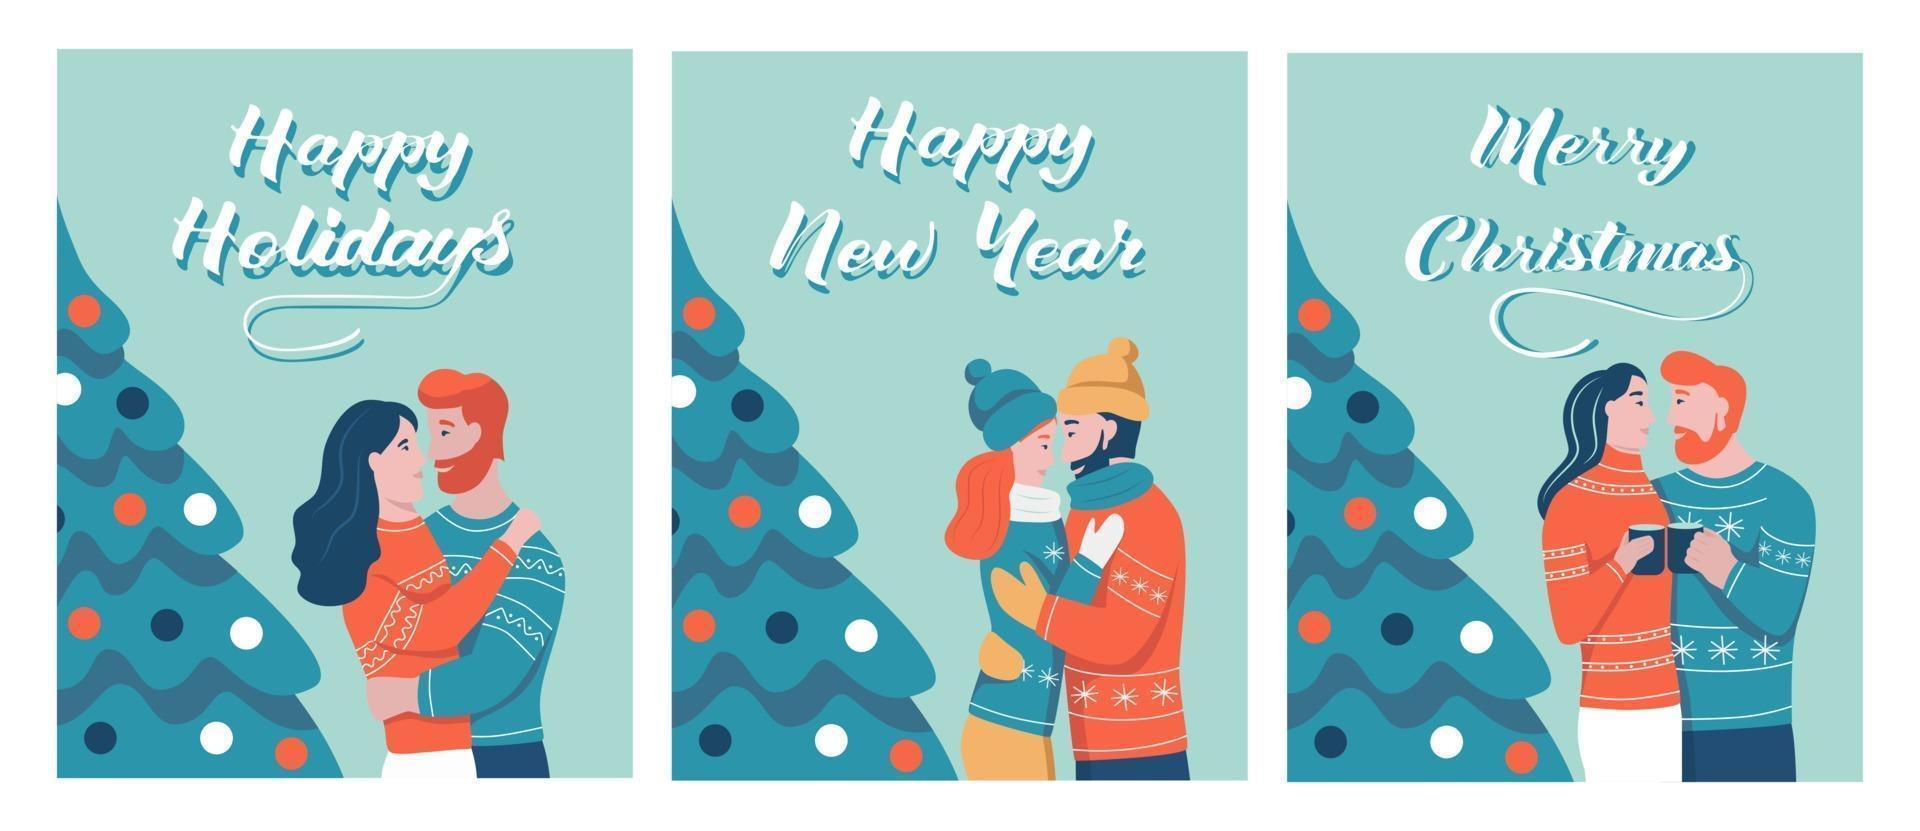 ein Satz Weihnachtskarten für Weihnachten. verliebte Paare umarmen sich auf dem Hintergrund des Weihnachtsbaumes. Schriftzug Frohe Weihnachten, frohes neues Jahr, schöne Feiertage. flache Karikaturvektorillustration. vektor